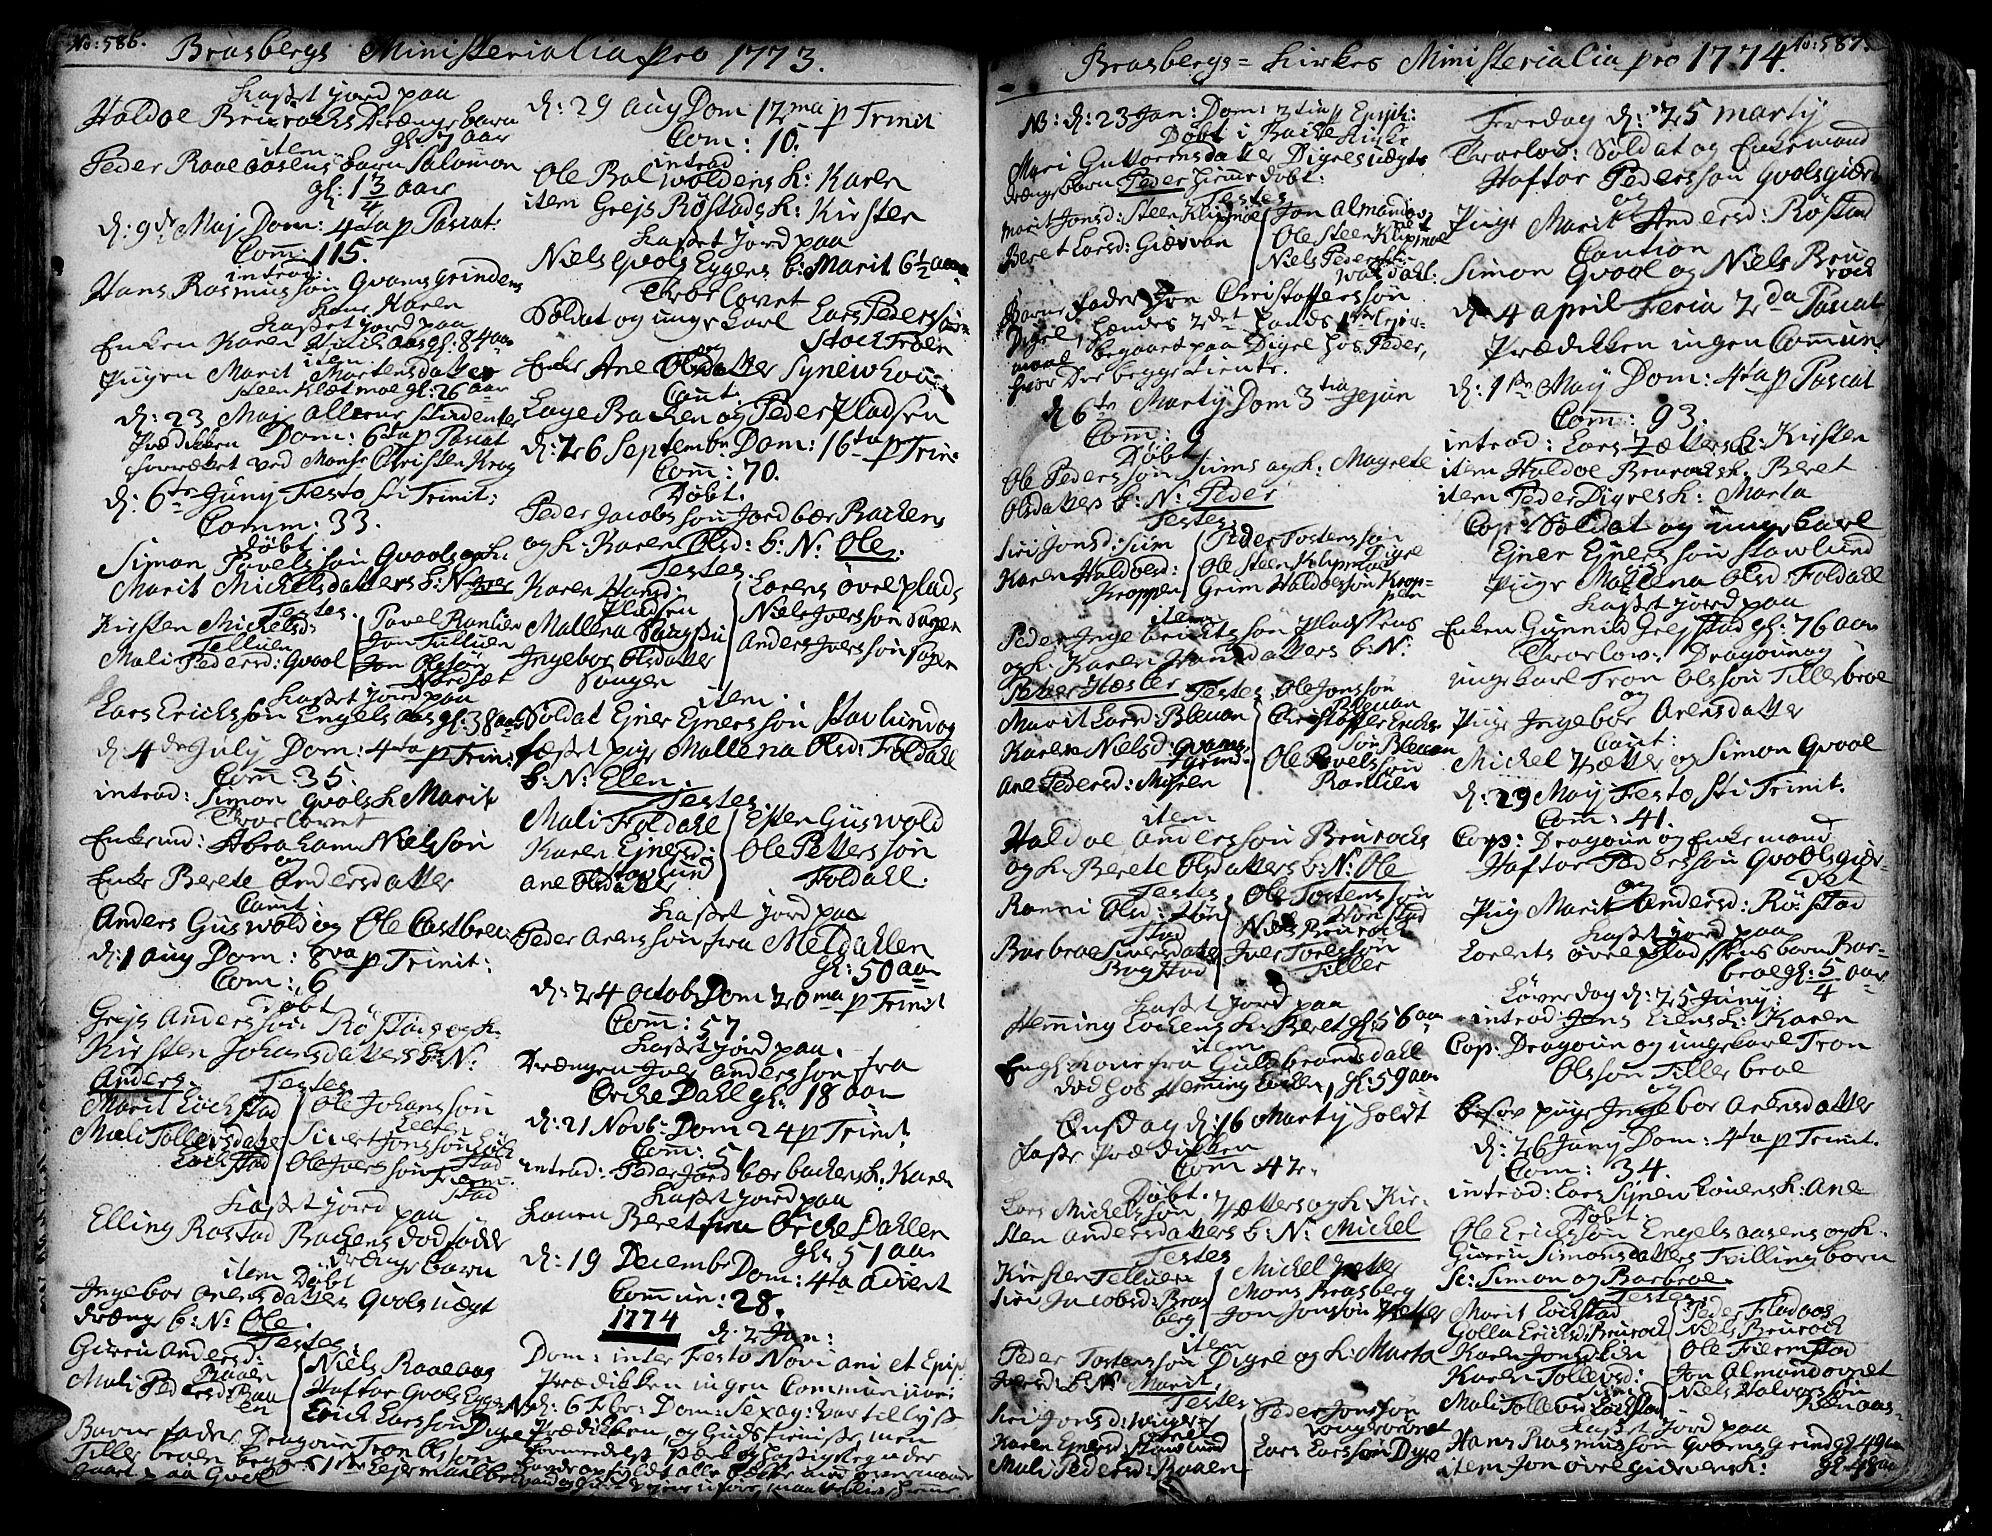 SAT, Ministerialprotokoller, klokkerbøker og fødselsregistre - Sør-Trøndelag, 606/L0278: Ministerialbok nr. 606A01 /4, 1727-1780, s. 586-587